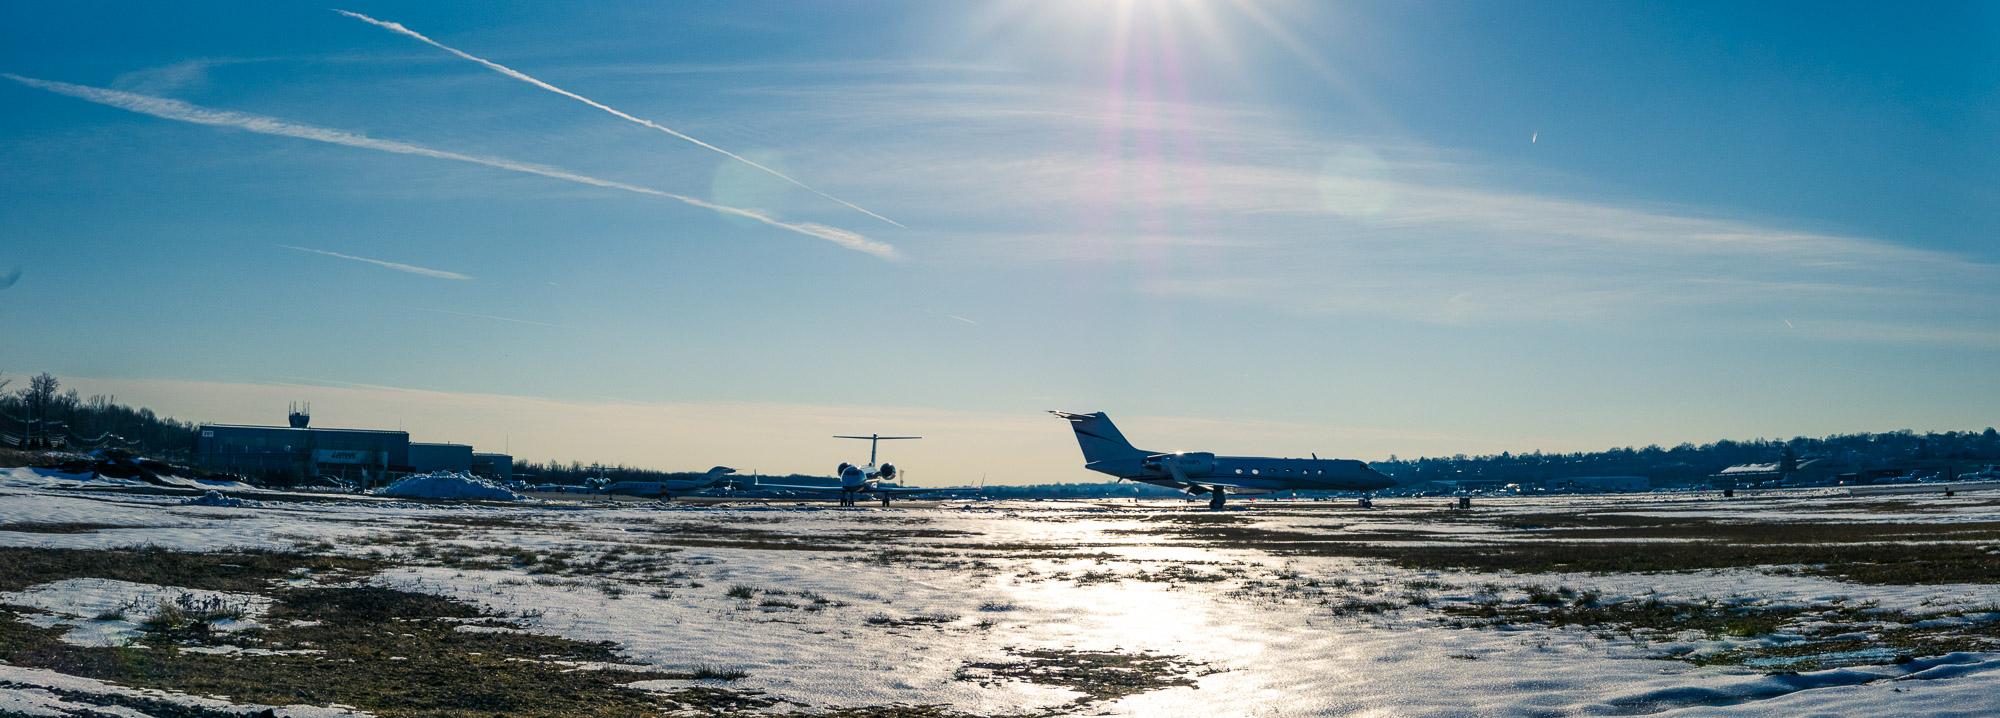 Teterboro Airport \ \ Day 2 \ \ 2/14/17